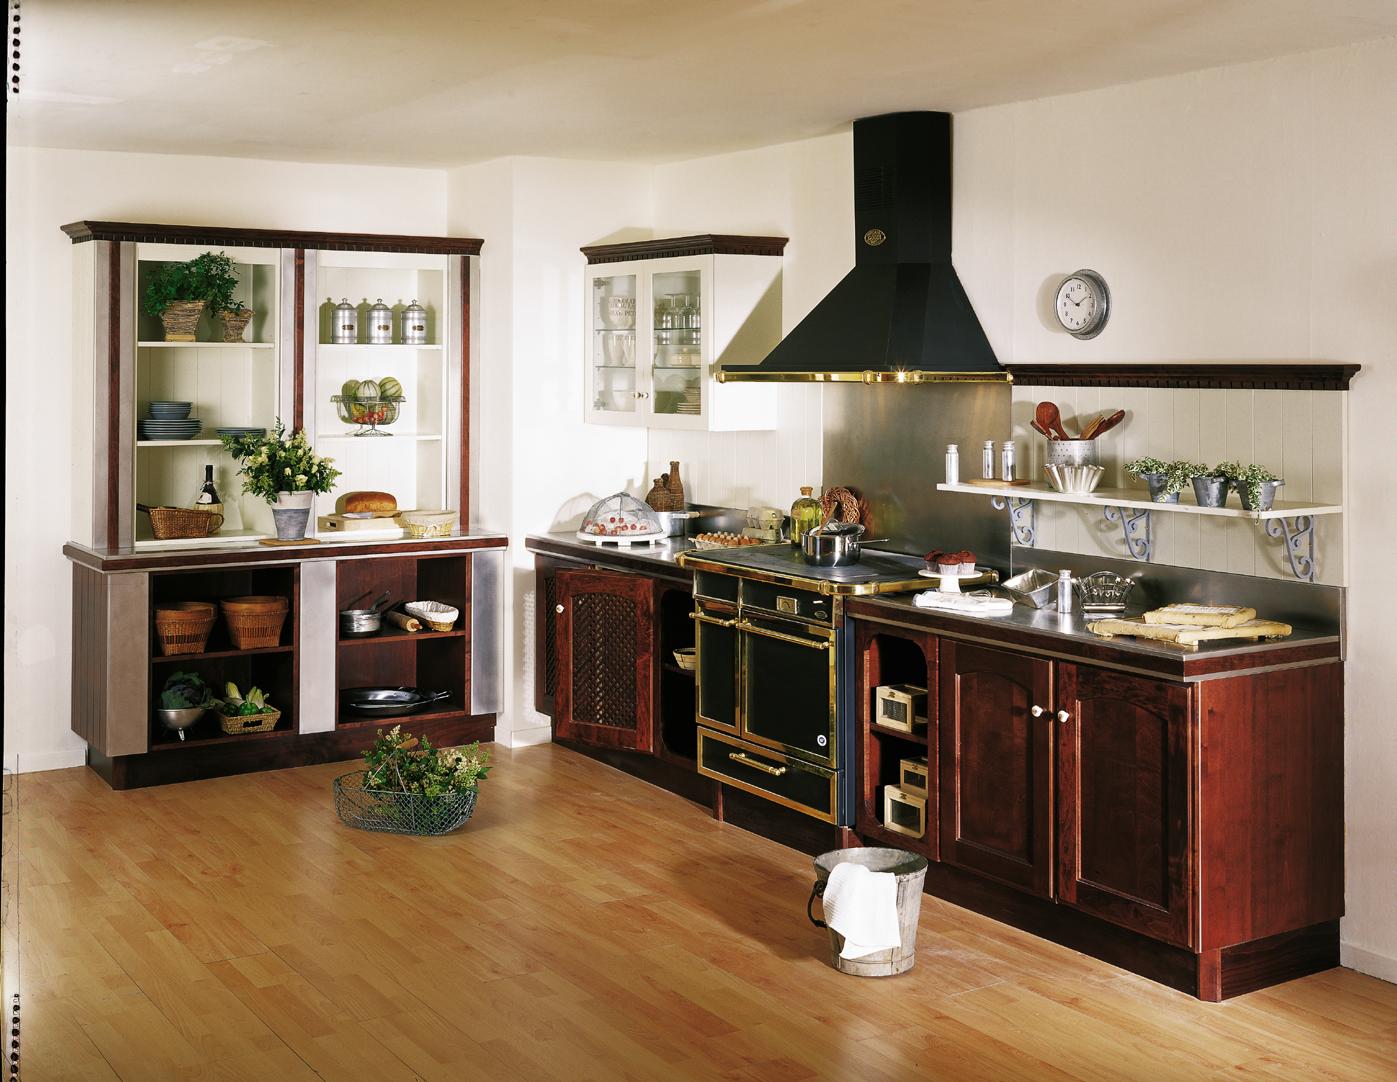 pour contacter chemin es et cuisines 2000 perpignan concessionnaire philippe et godin. Black Bedroom Furniture Sets. Home Design Ideas